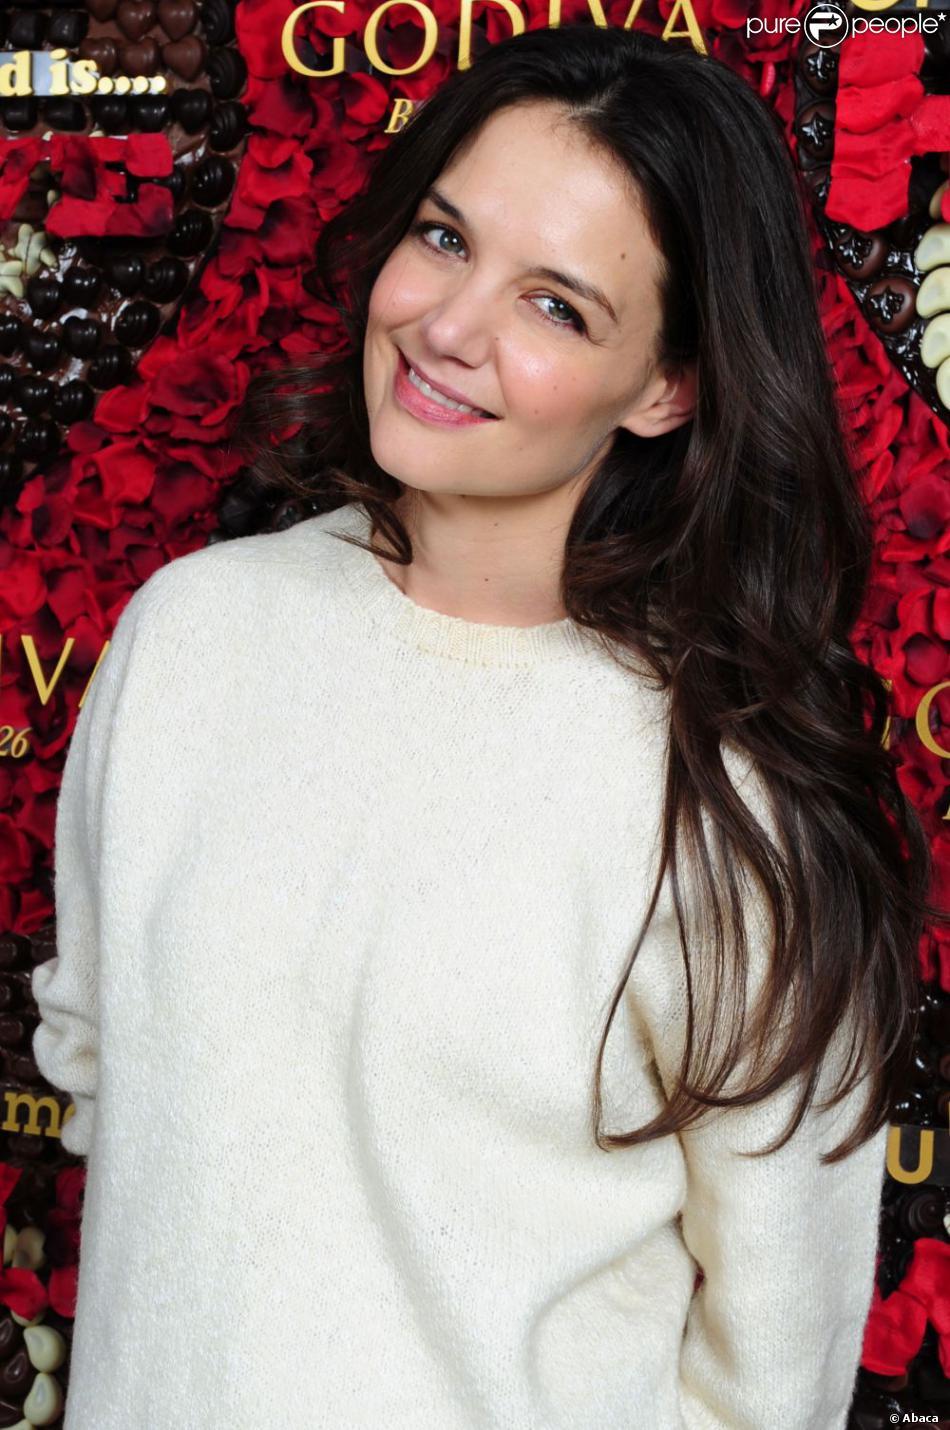 La jolie Katie Holmes au lancement du concours Share Love pour la Saint Valentin, chez Godiva, au Rockefeller Center à New York City, le 31 janvier 2013.